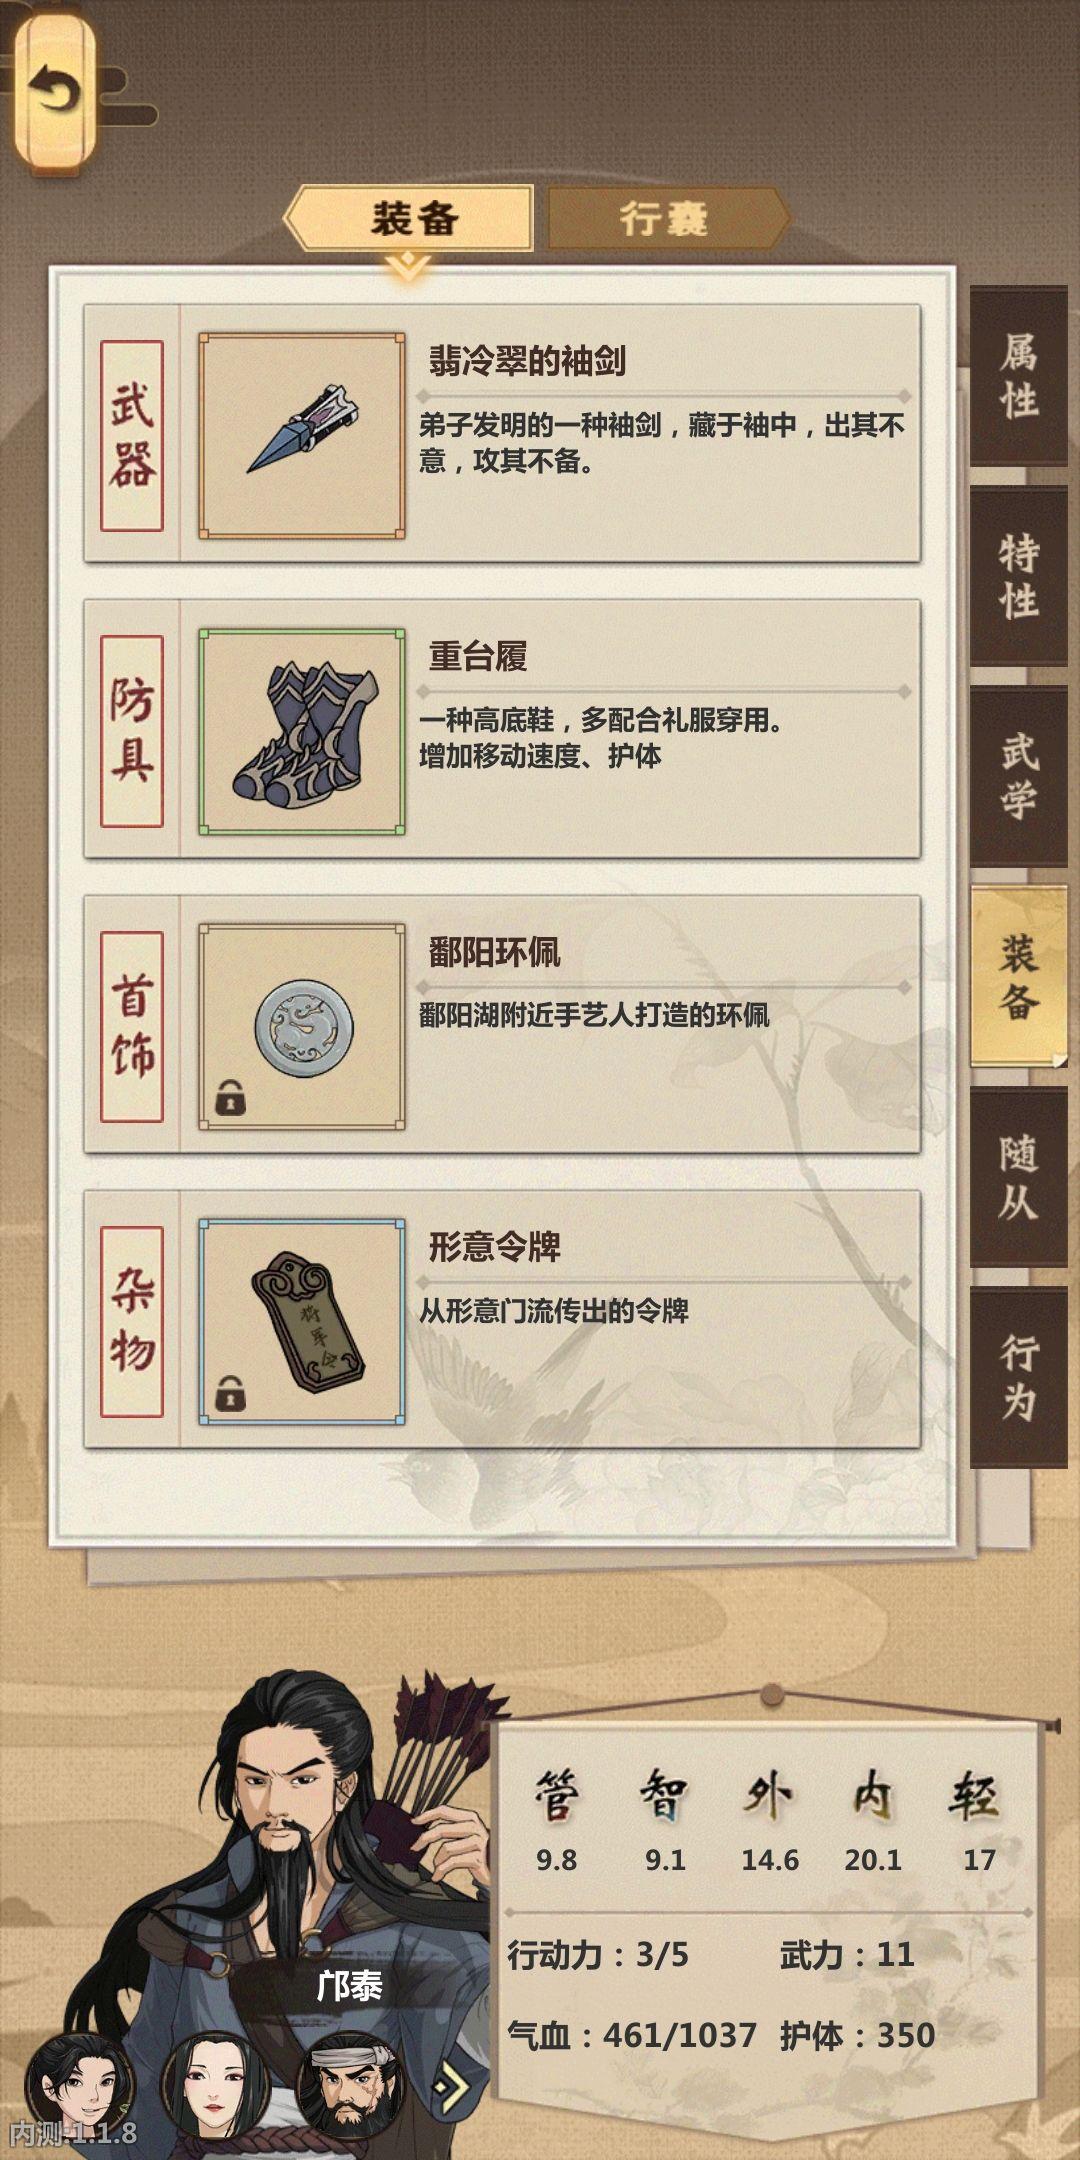 模拟江湖惊鸿剑怎么获得?惊鸿剑获取方法[图]